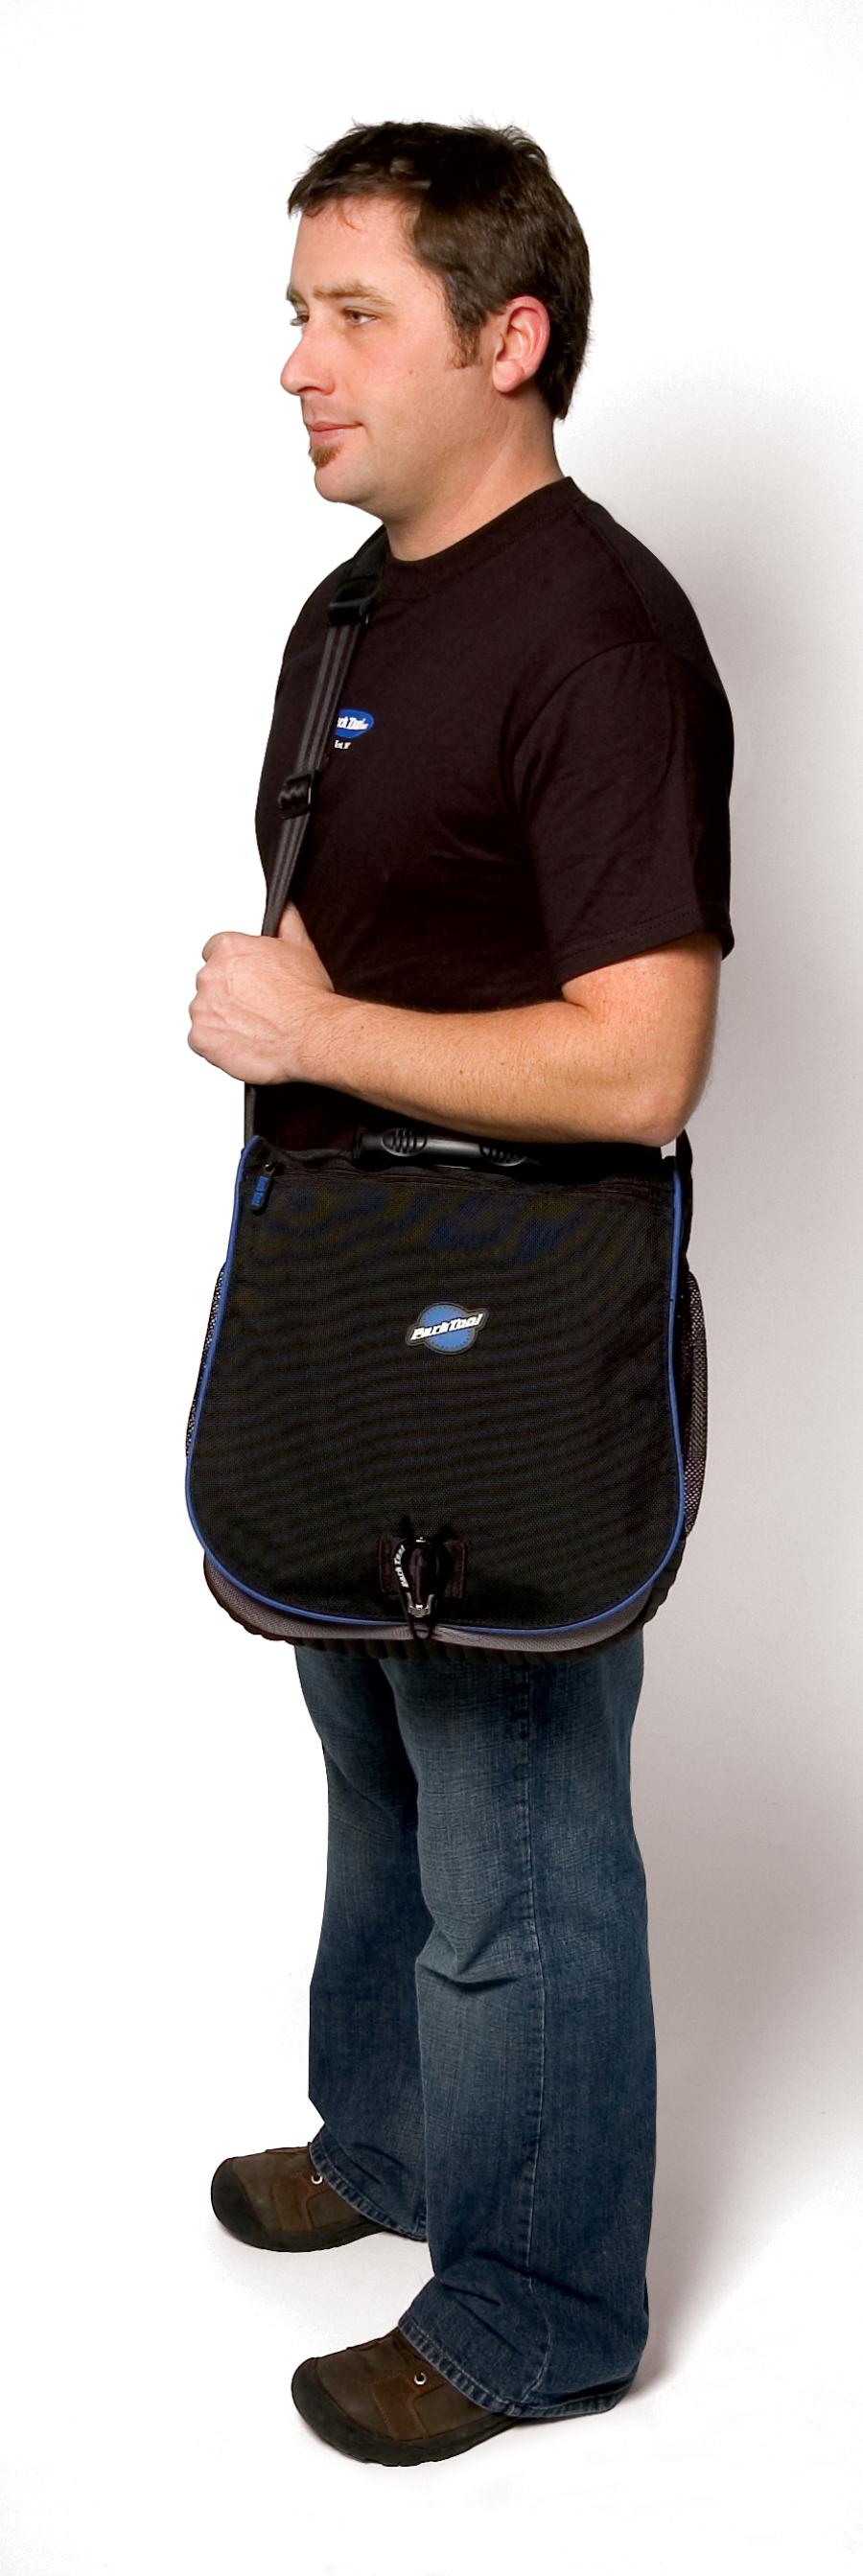 Male model with MP-1 Messenger Bag slung over shoulder, enlarged